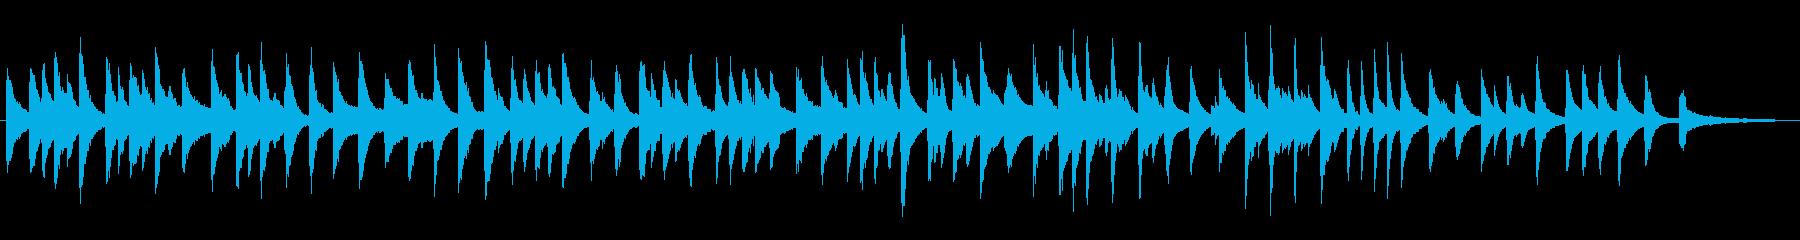 大きな栗の木の下で/ラウンジピアノソロの再生済みの波形